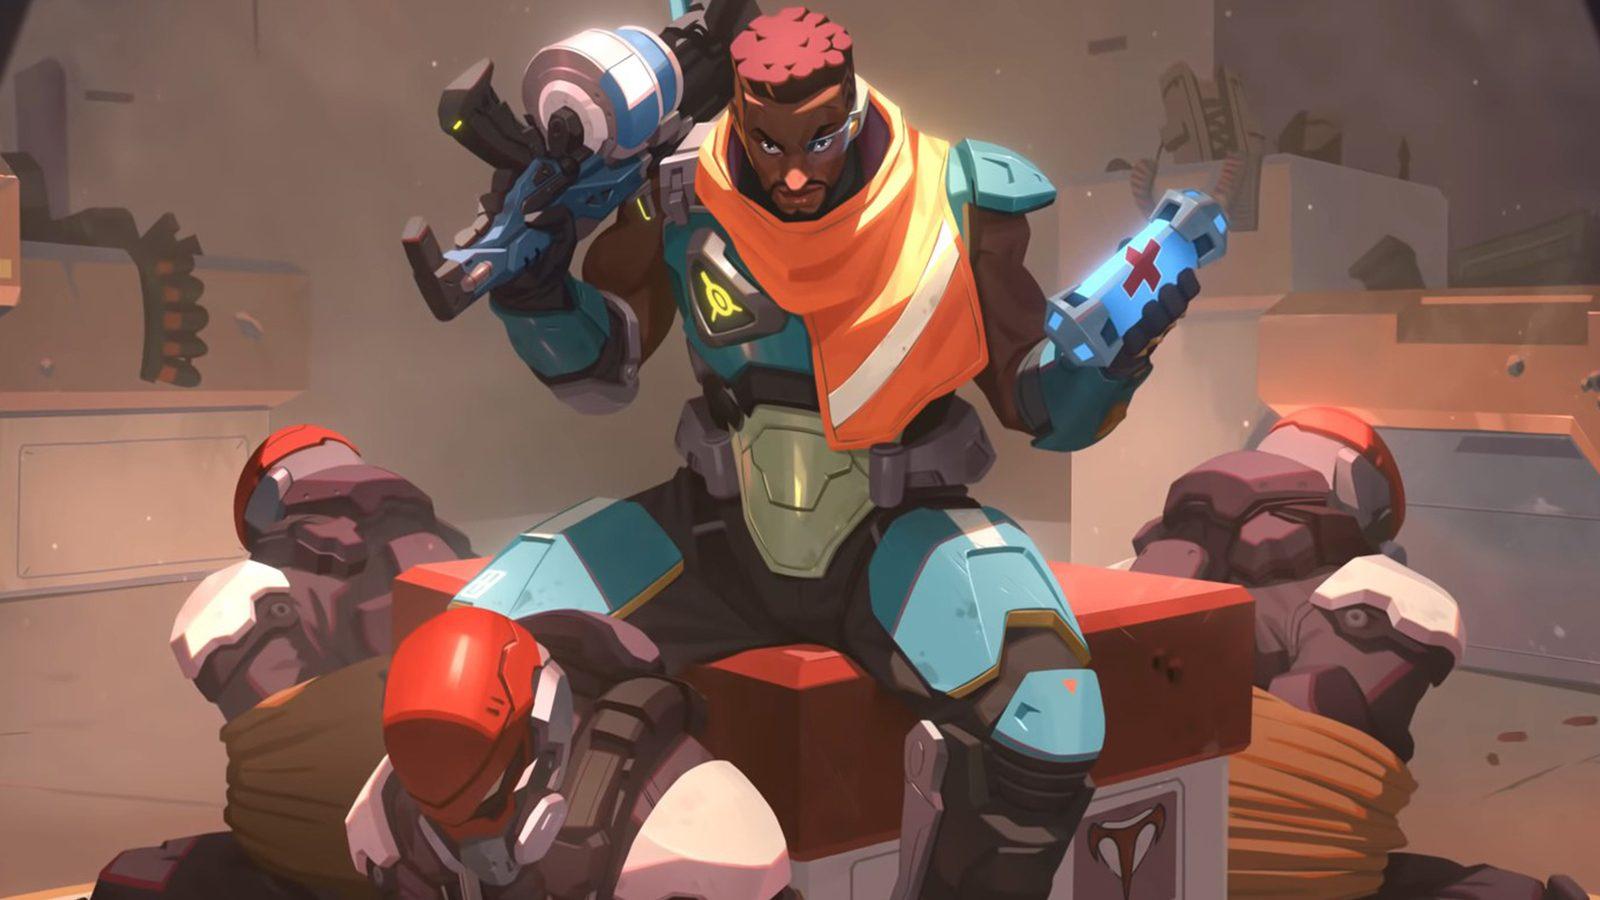 Yeni Overwatch karakteri Baptiste